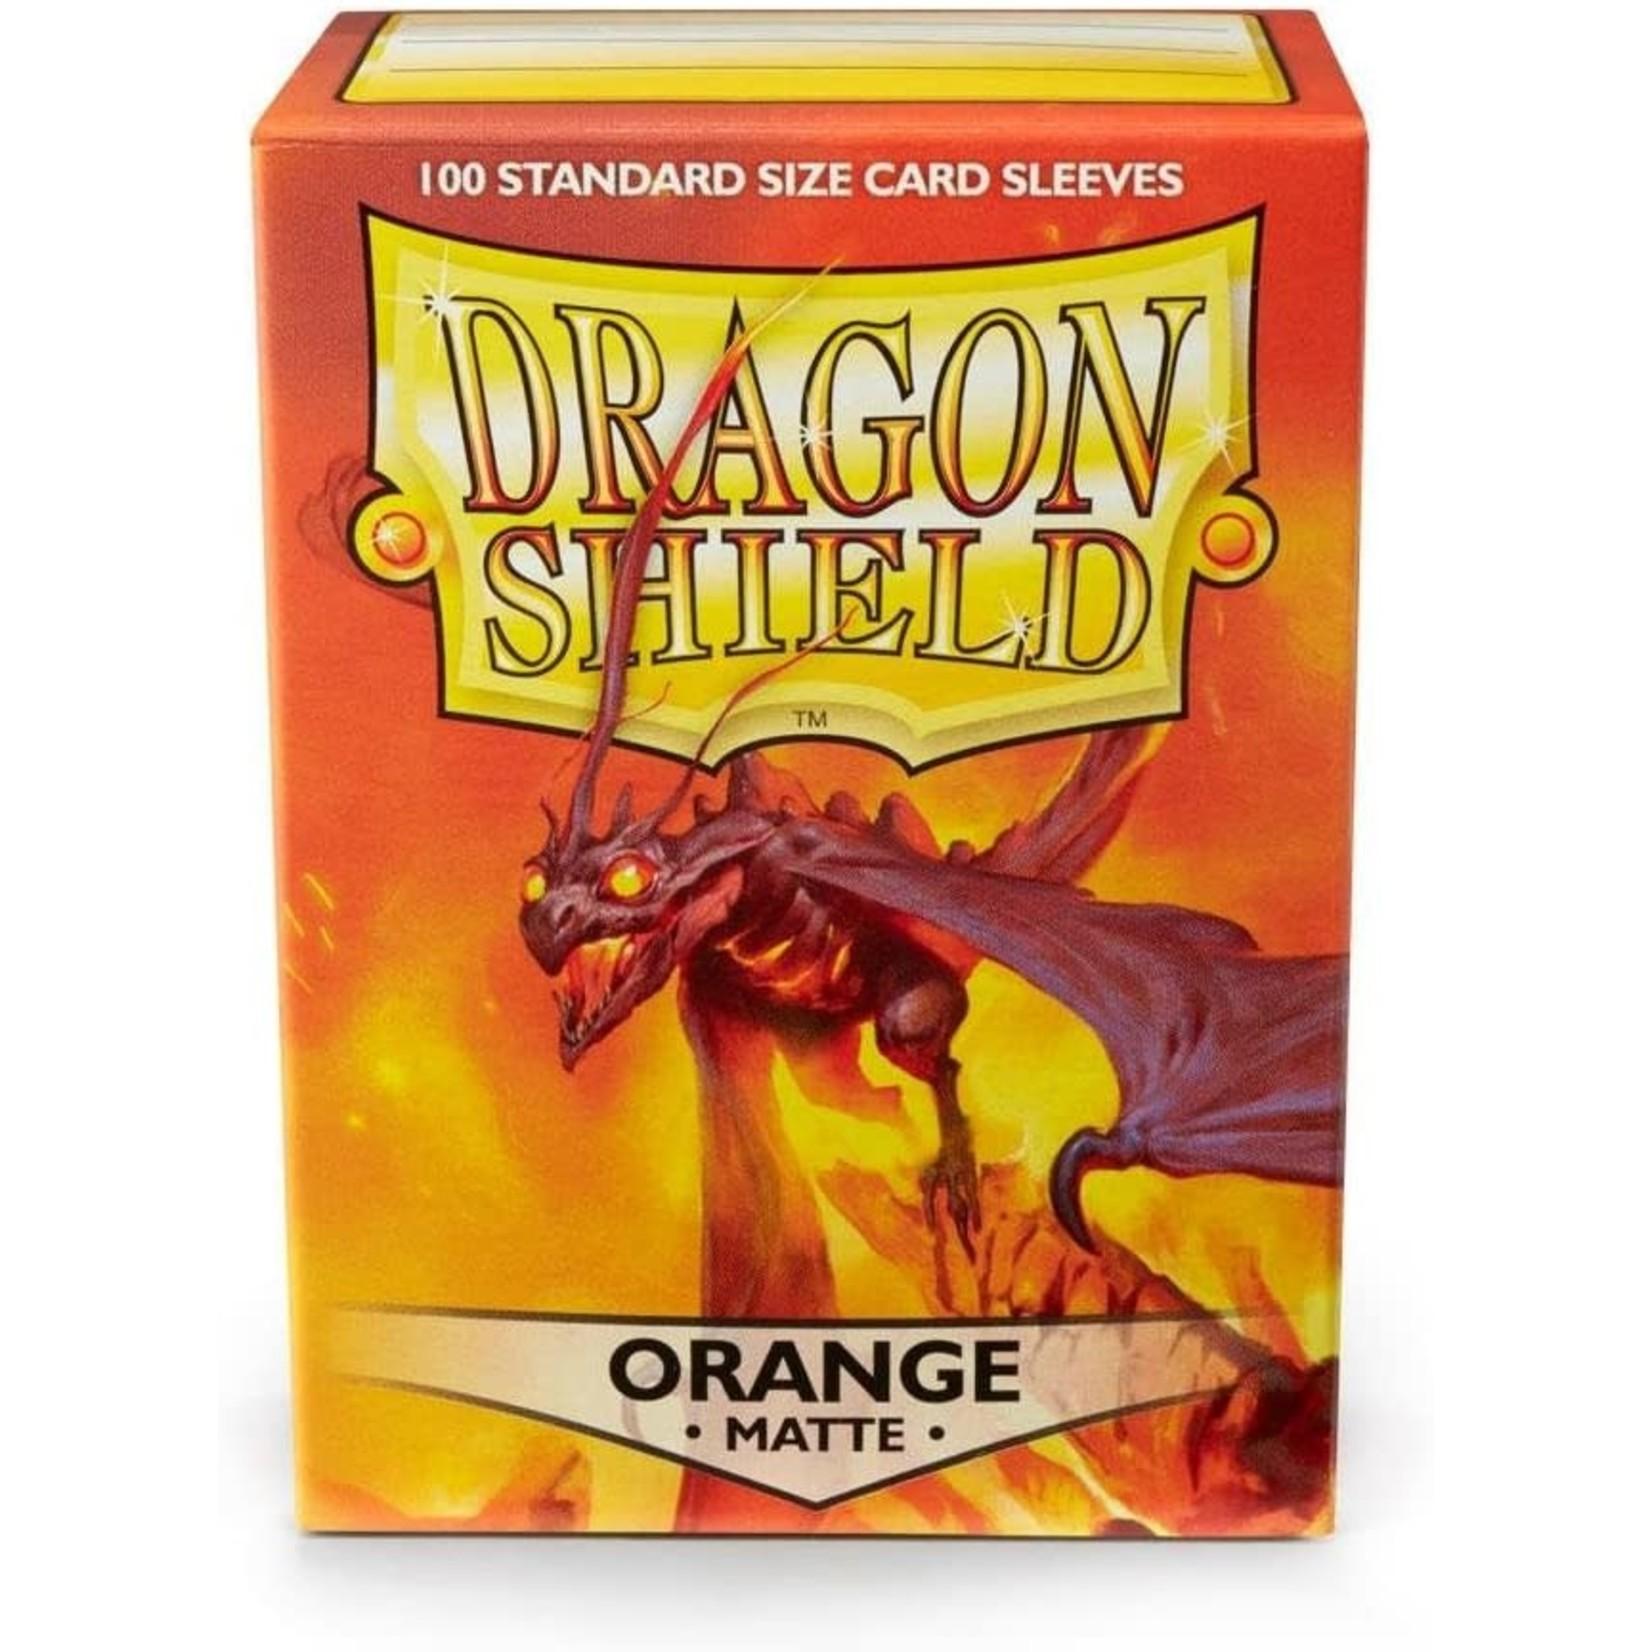 Arcane Tinman Dragon Shields: Card Sleeves - Orange Matte (100)